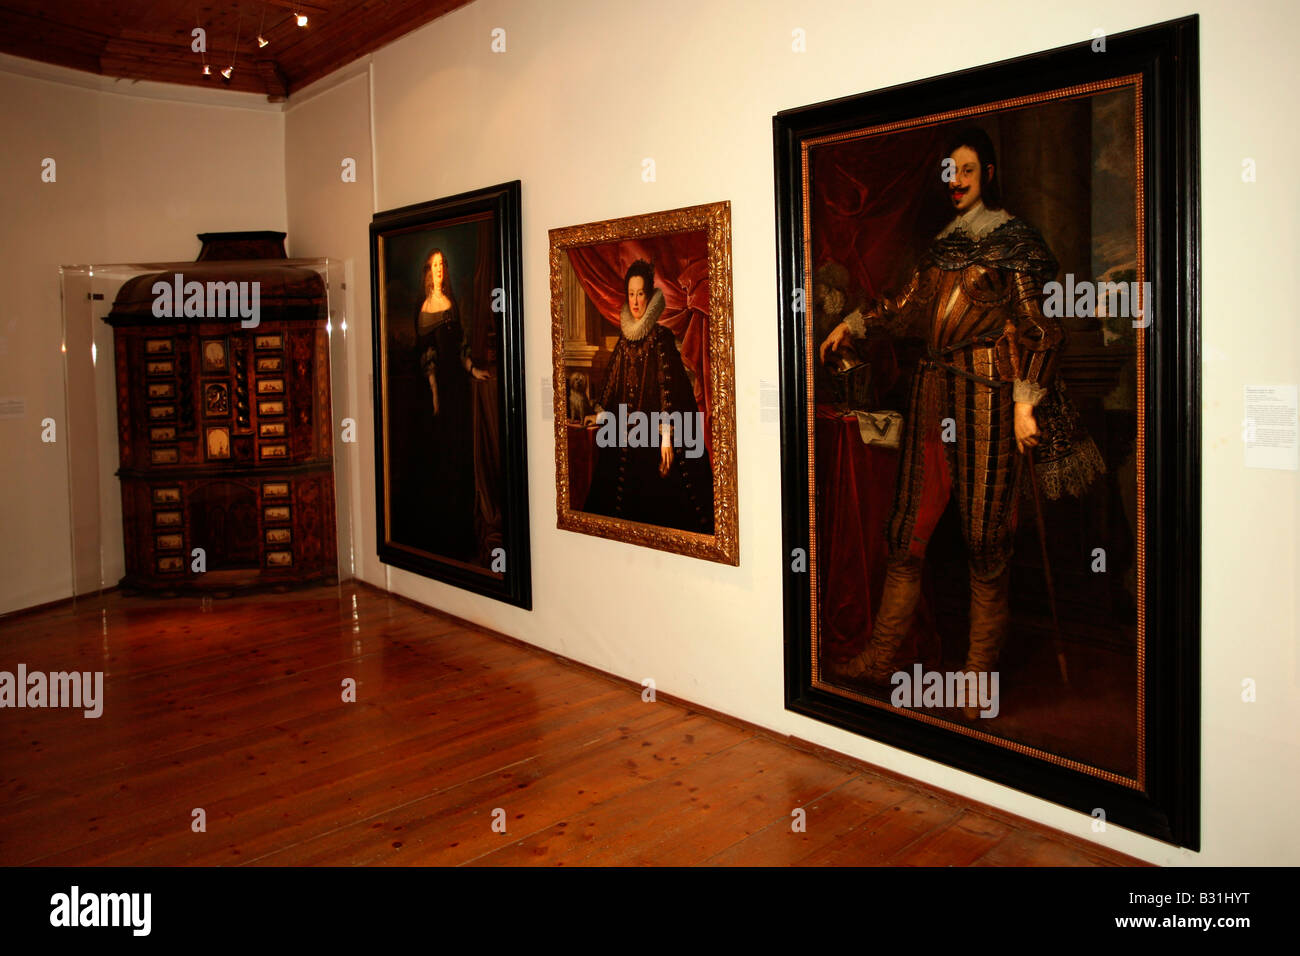 Innsbruck: Schloss Ambras: Paintings - Stock Image